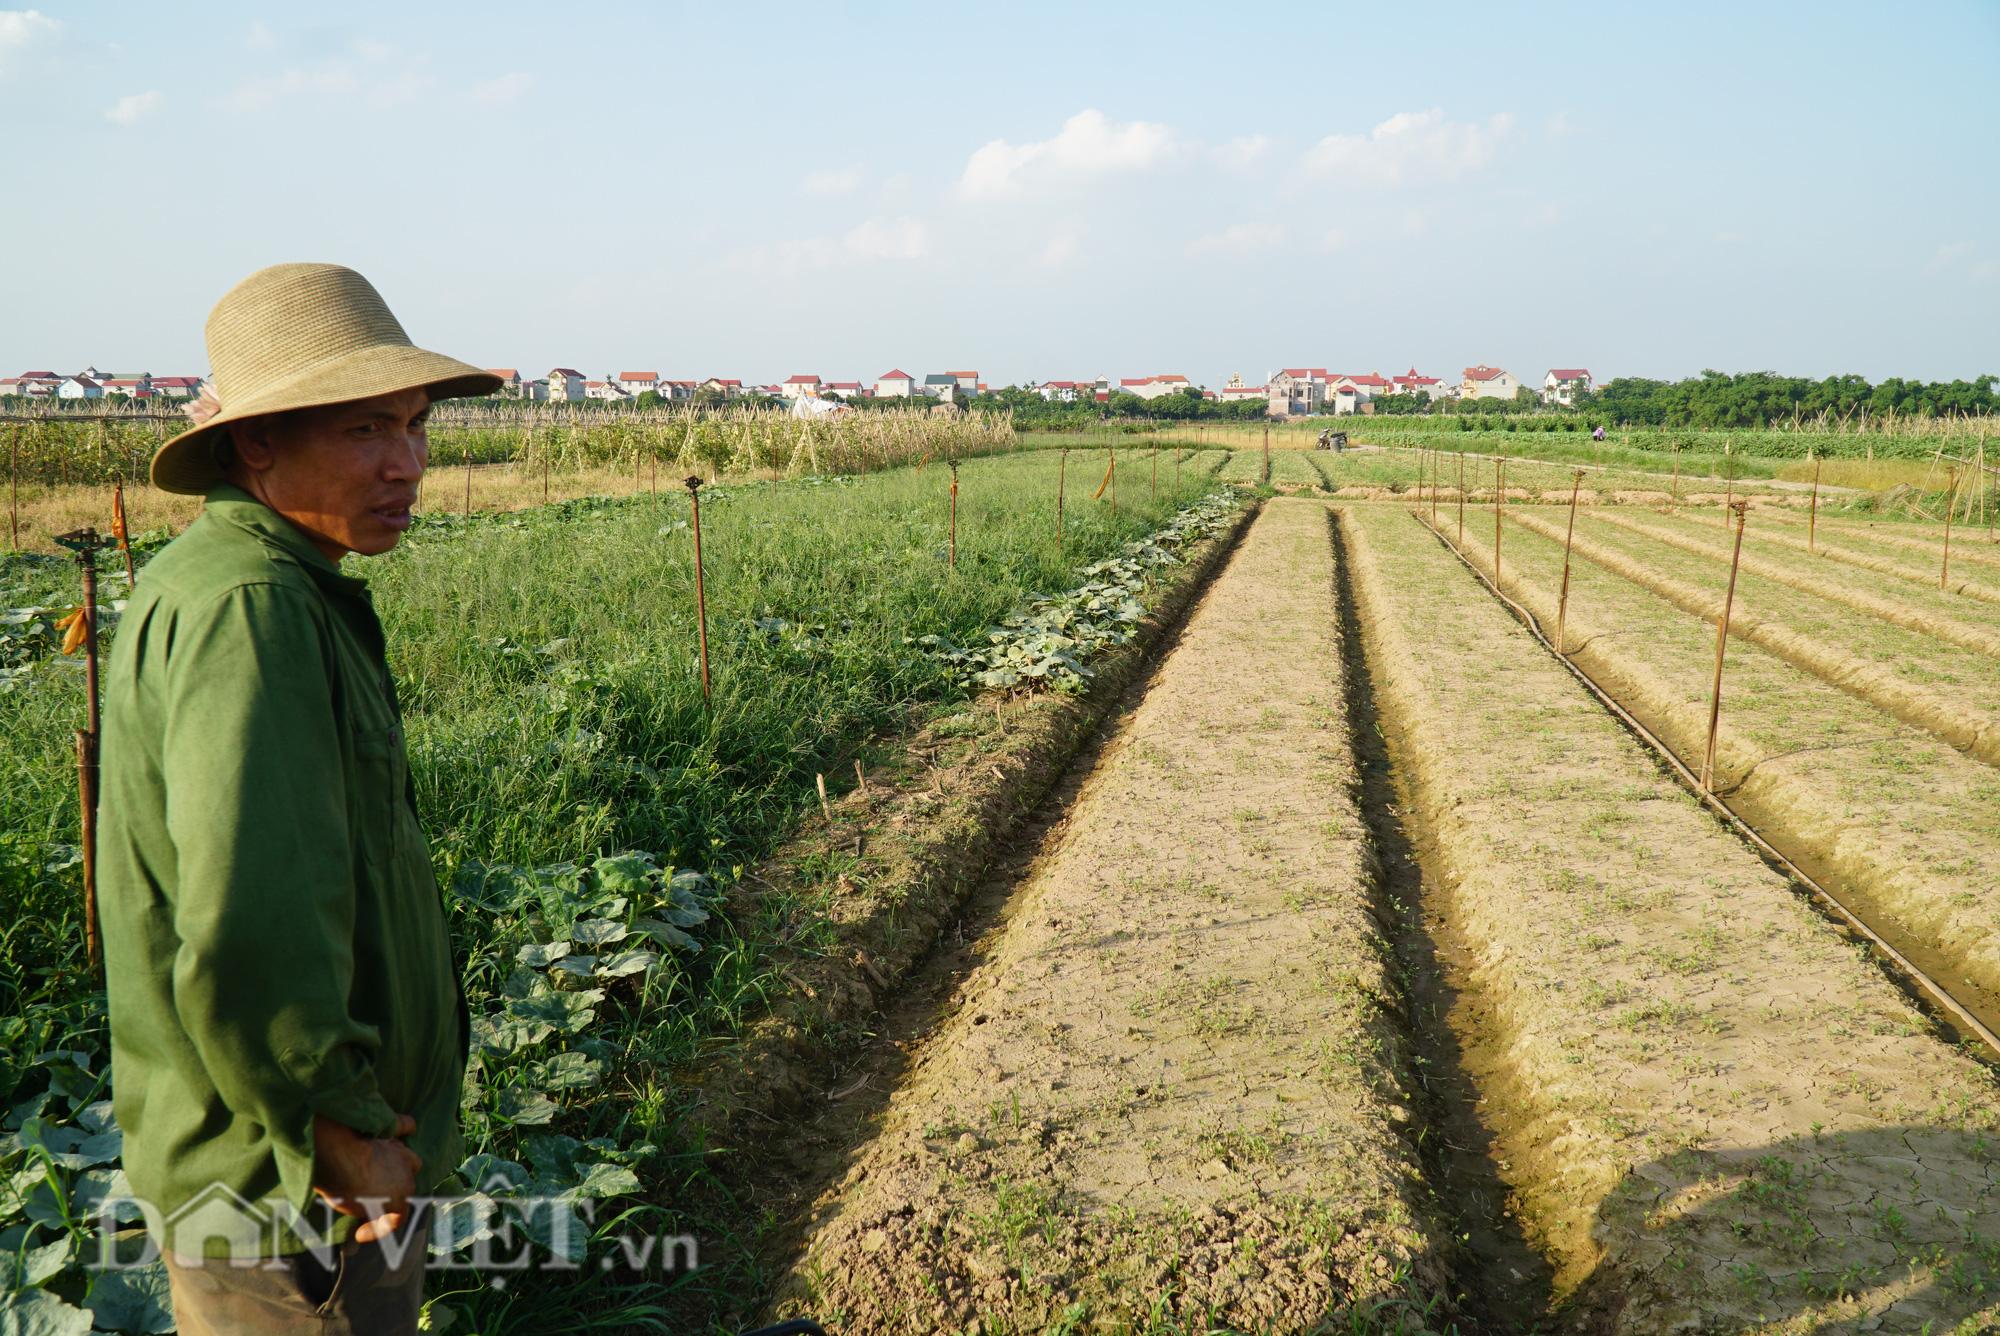 Người trồng rau Mê Linh khóc ròng vì những ruộng rau bạc trắng vì sâu bệnh - Ảnh 9.